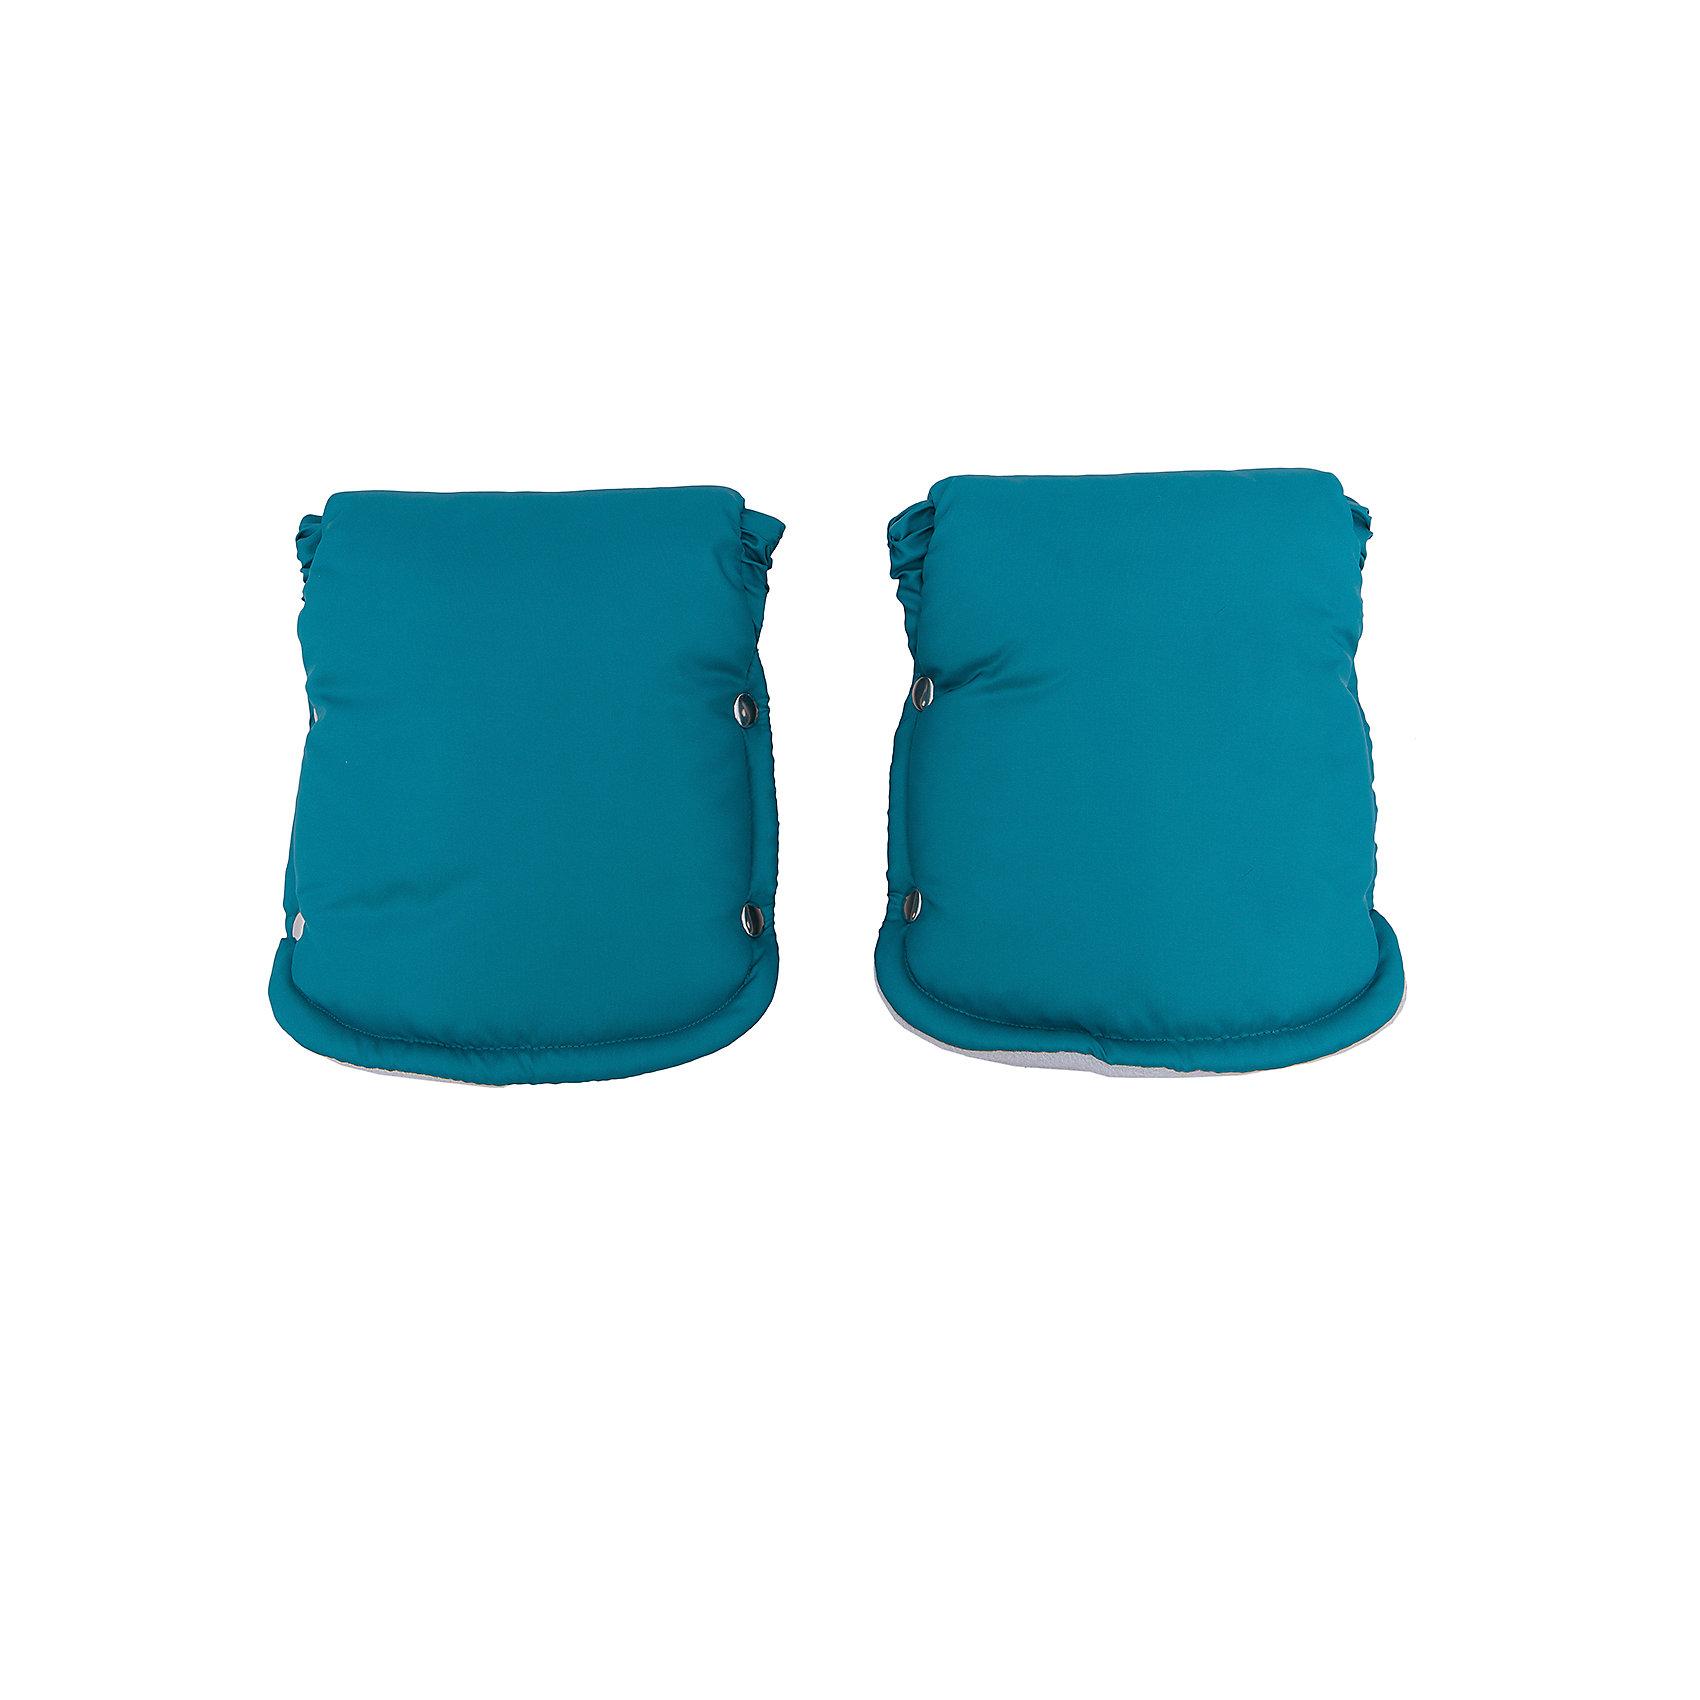 Муфта для рук (рукавички) Изумруд, byTwinzАксессуары для колясок<br>Муфта для рук (рукавички) Изумруд, byTwinz<br><br>Характеристики:<br><br>-Размер: универсальный<br>-Цвет: изумрудный<br>-2 отдельные рукавички<br>-Крепится кнопками на ручку коляски<br><br>Муфта для рук (рукавички) Изумруд, byTwinz предназначена для холодных зимних прогулок. Рукавички крепятся на ручку коляски, чтобы во время прогулки руки не мерзли. Так же рукавички, благодаря креплению к ручке, не будут слетать или падать. Вы легко сможете вытащить руки при надобности.  Они сделаны из качественного материала и не вызовут аллергическую реакцию.<br><br>Муфту для рук (рукавички) Изумруд, byTwinz можно приобрести в нашем интернет-магазине.<br><br>Ширина мм: 250<br>Глубина мм: 230<br>Высота мм: 130<br>Вес г: 180<br>Возраст от месяцев: 0<br>Возраст до месяцев: 36<br>Пол: Унисекс<br>Возраст: Детский<br>SKU: 5126786